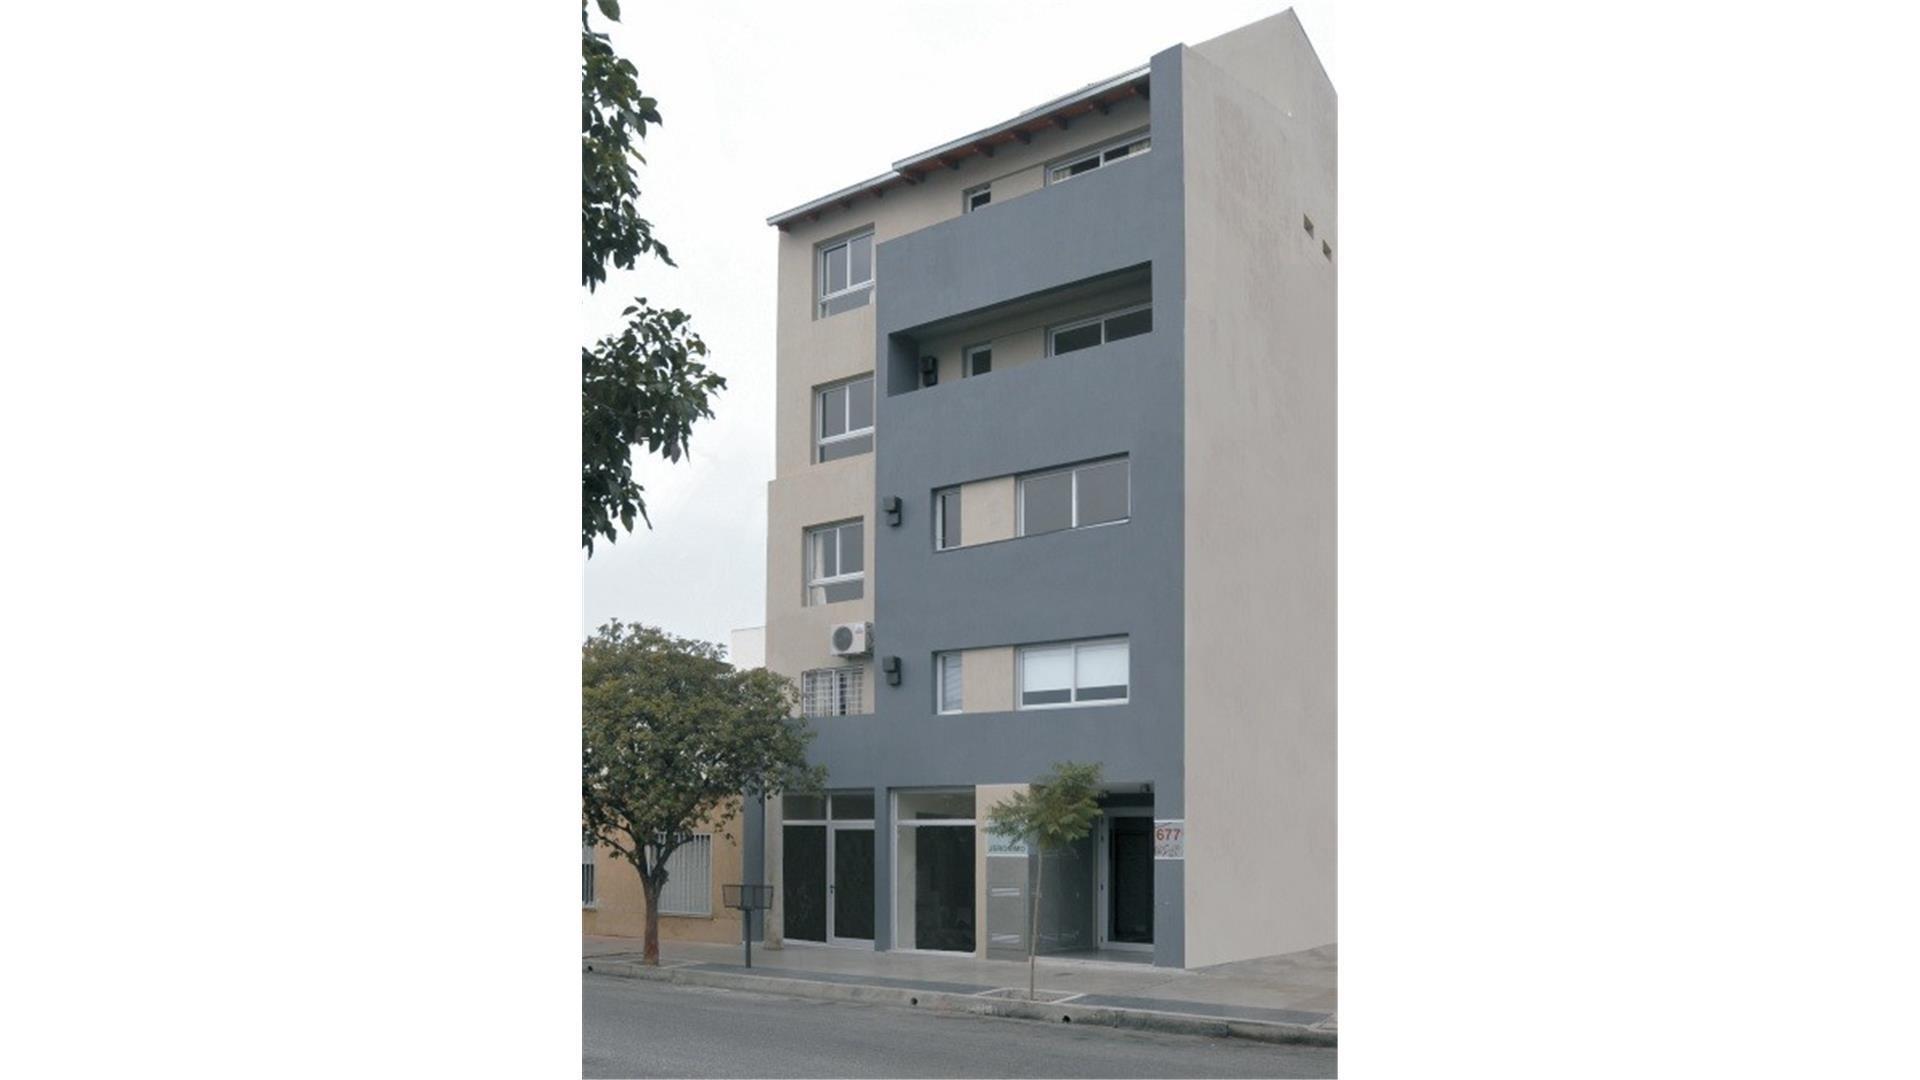 Departamento de 1 dormitorio Alta Cba Jerónimo Cortes 600